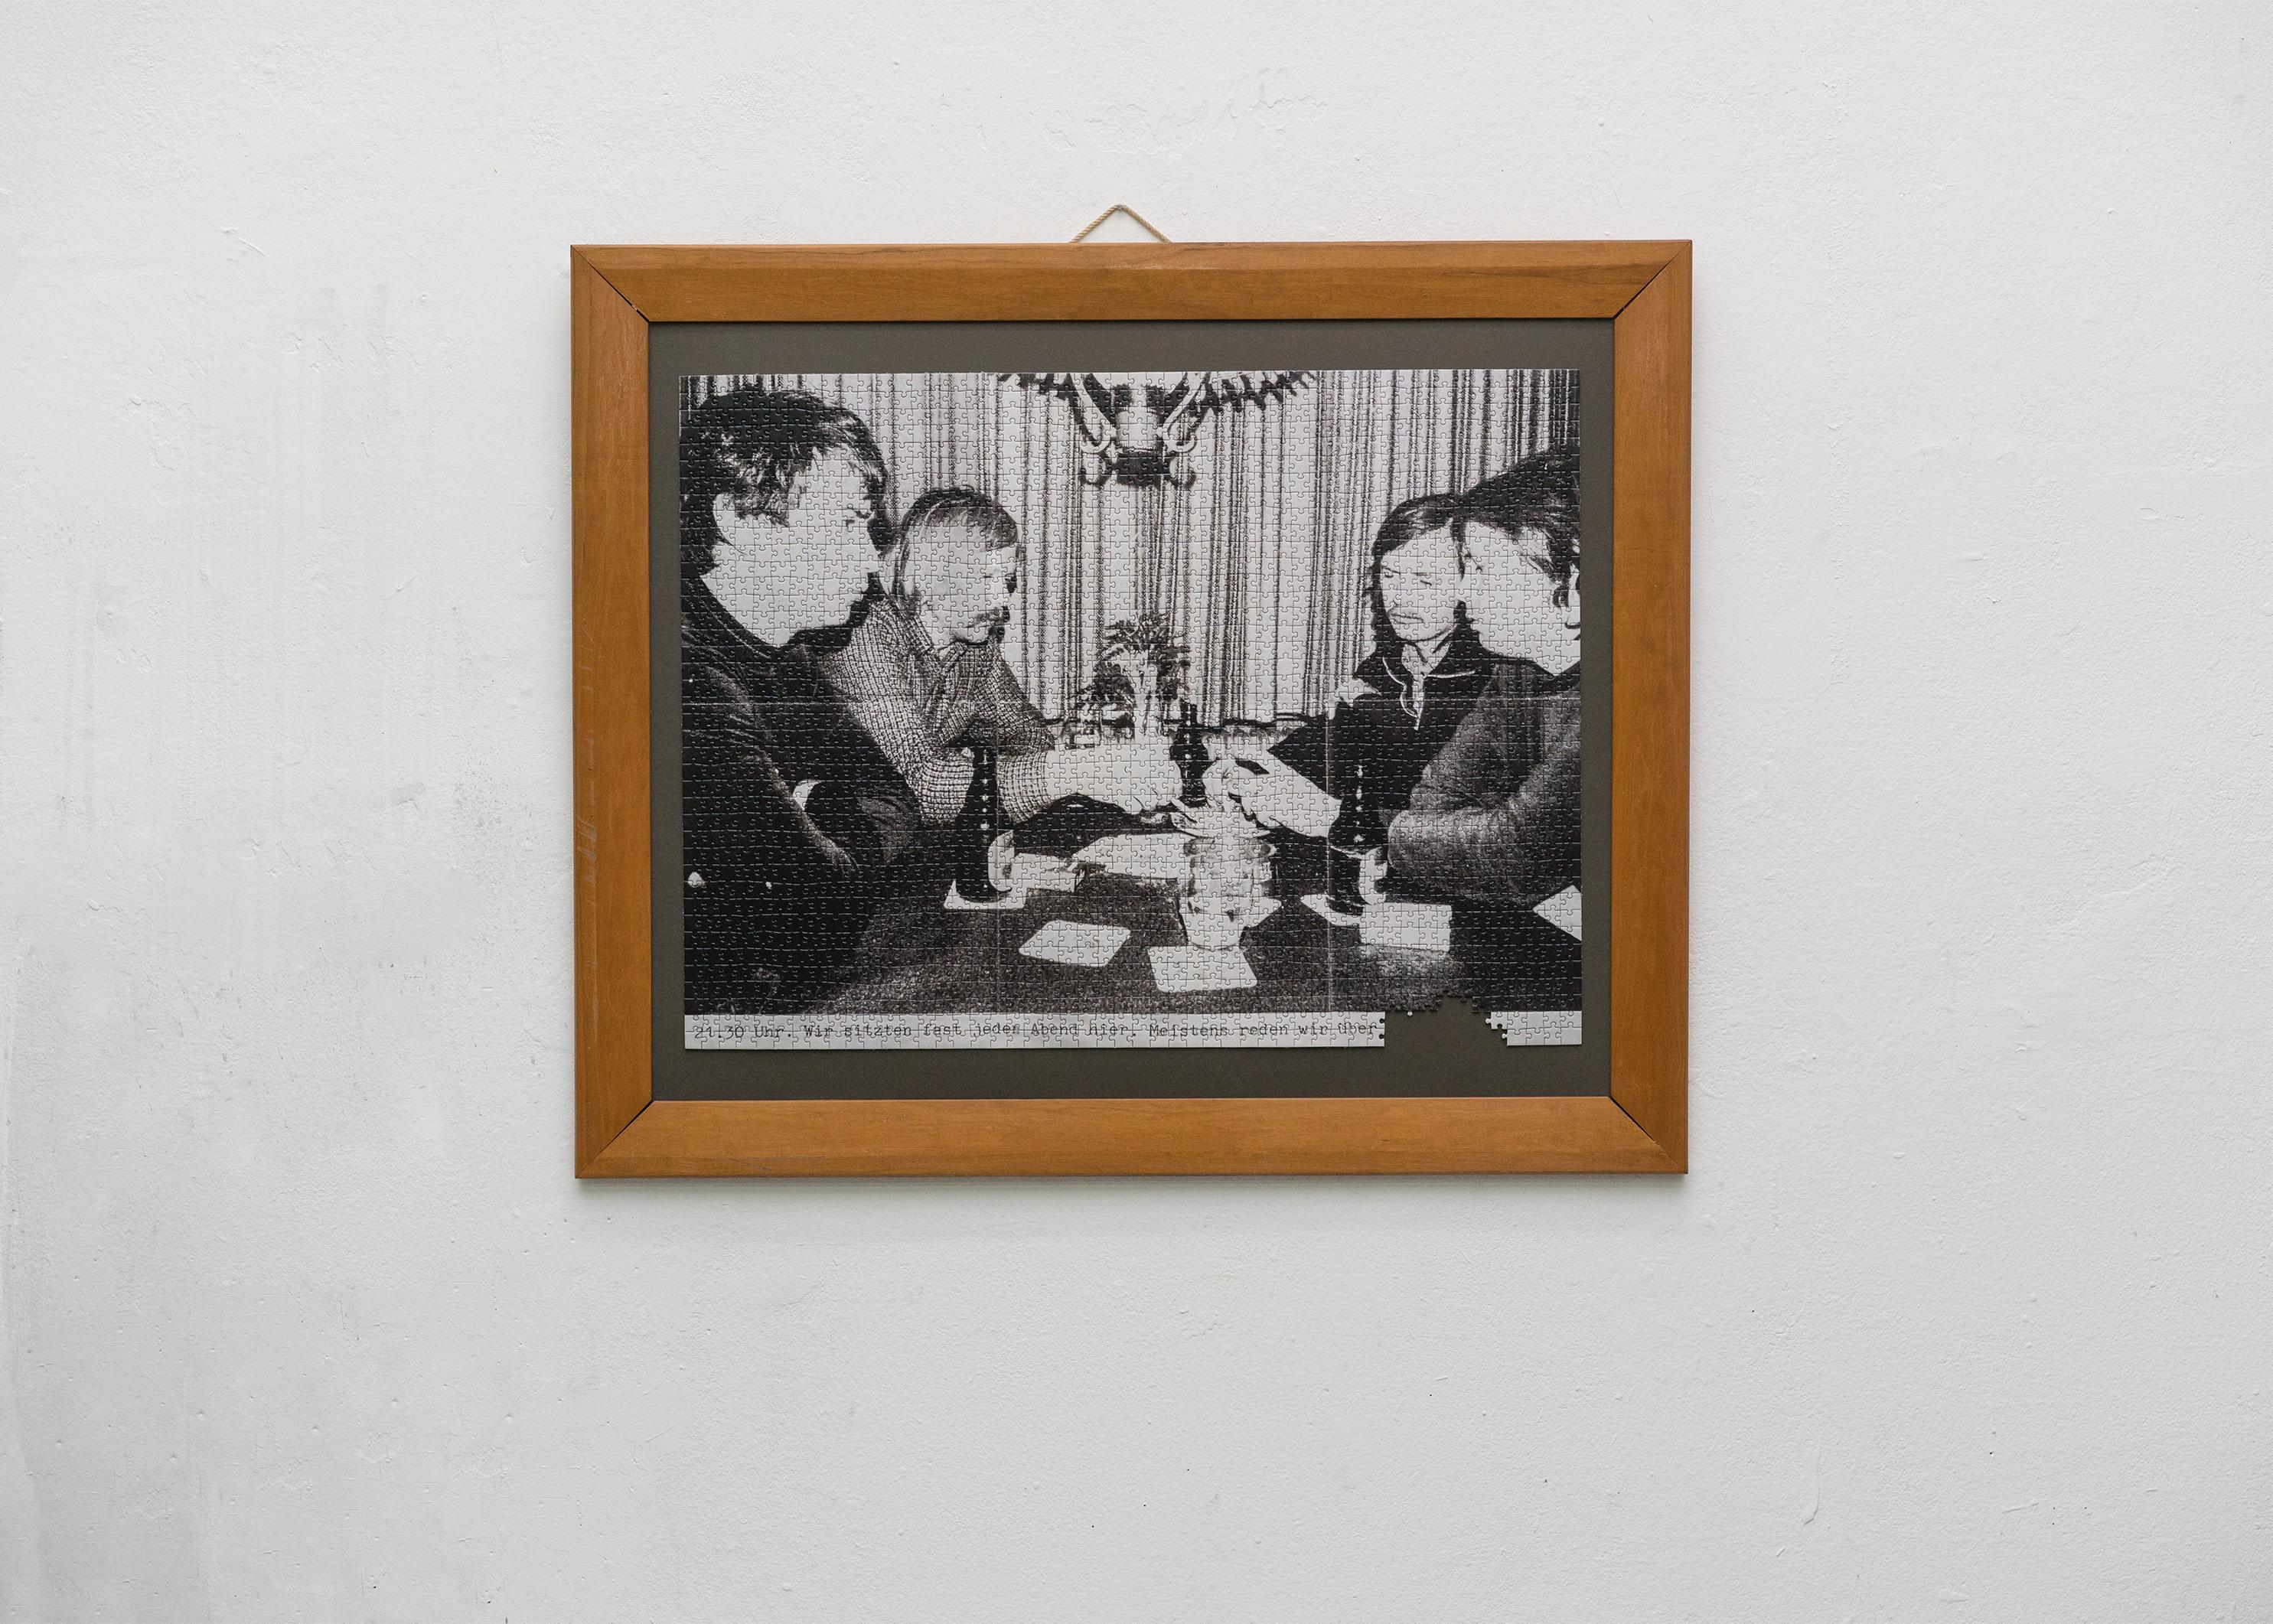 Nicholas Warburg Die Arbeit. 2019 68 x 90 cm gerahmt 89 x 104 cm Gerahmtes Puzzle  Photo by: E. G. Powell